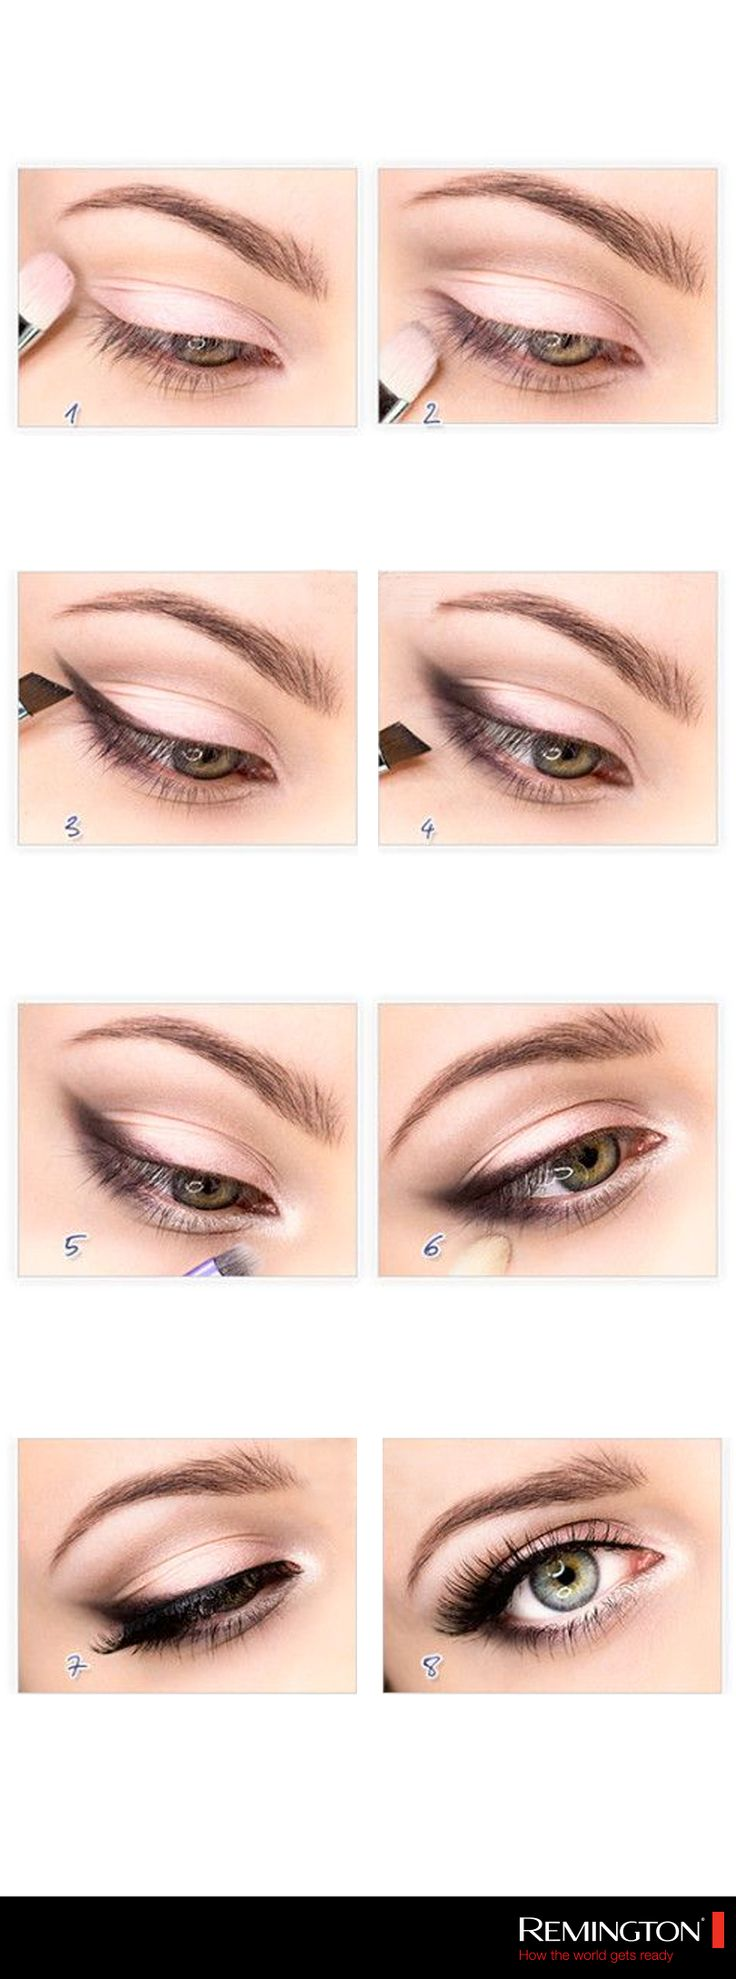 Si tienes ojos pequeños este DIY es para ti, pues te ayudará a abrir tu mirada y dar la apariencia de que tus ojos son más grandes. #makeup #DIY #love #woman #style #trendy